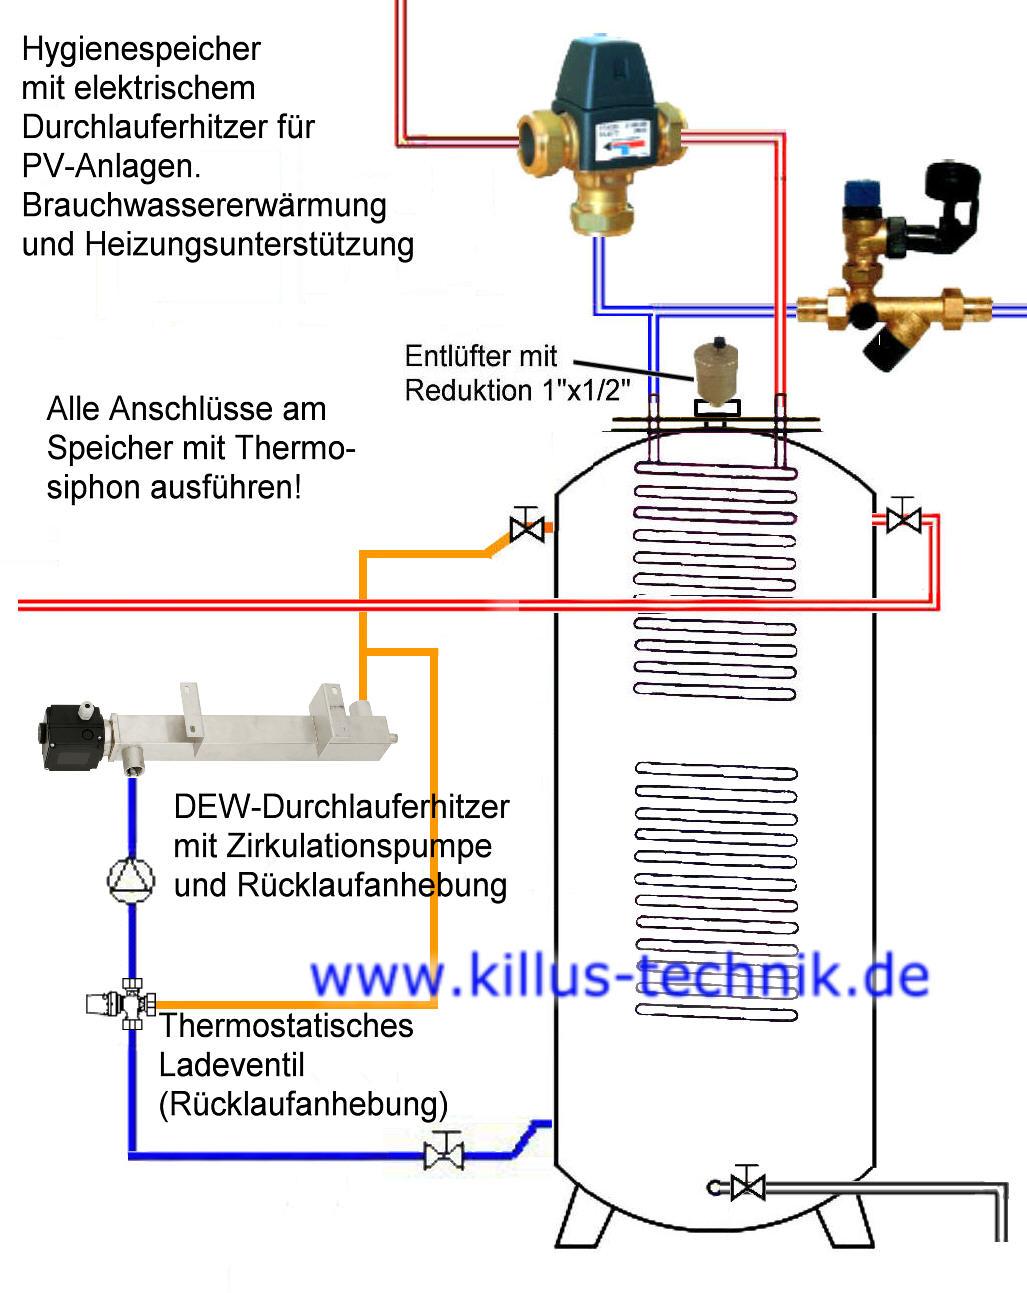 killus technik elektrischer durchlauferhitzer 3 bis 12 kilowatt aus edelstahl speziell. Black Bedroom Furniture Sets. Home Design Ideas